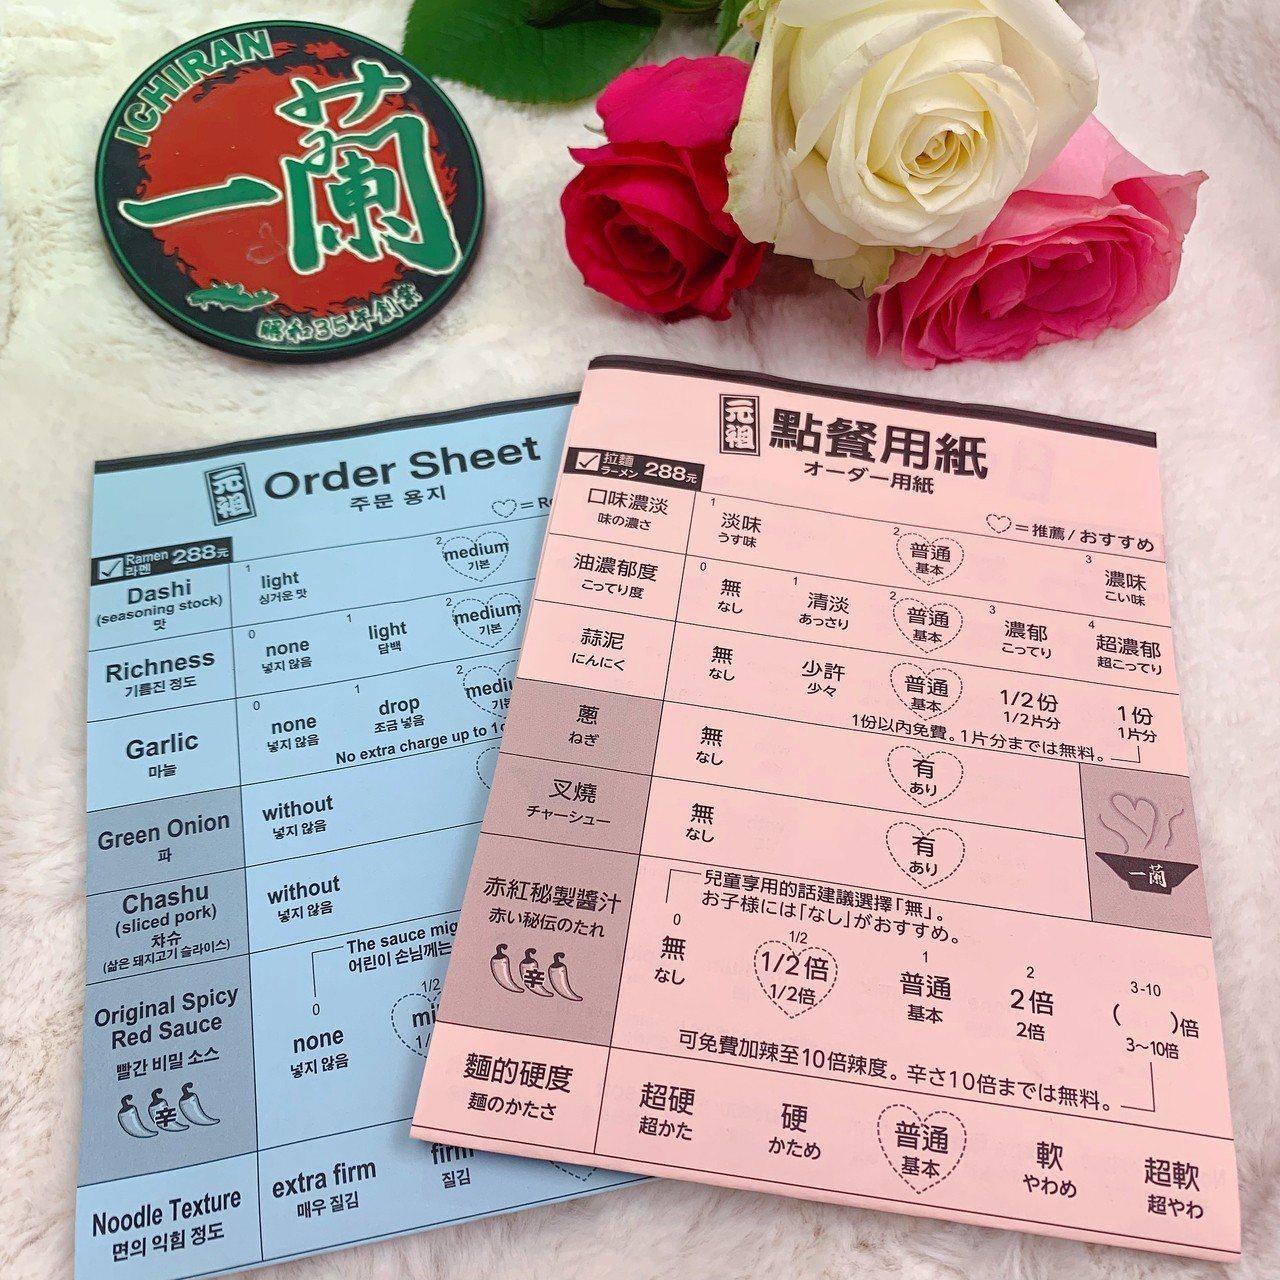 一蘭拉麵將於西洋情人節、白色情人節,分別推出粉紅與粉藍色的限定愛心點餐紙。圖/一...